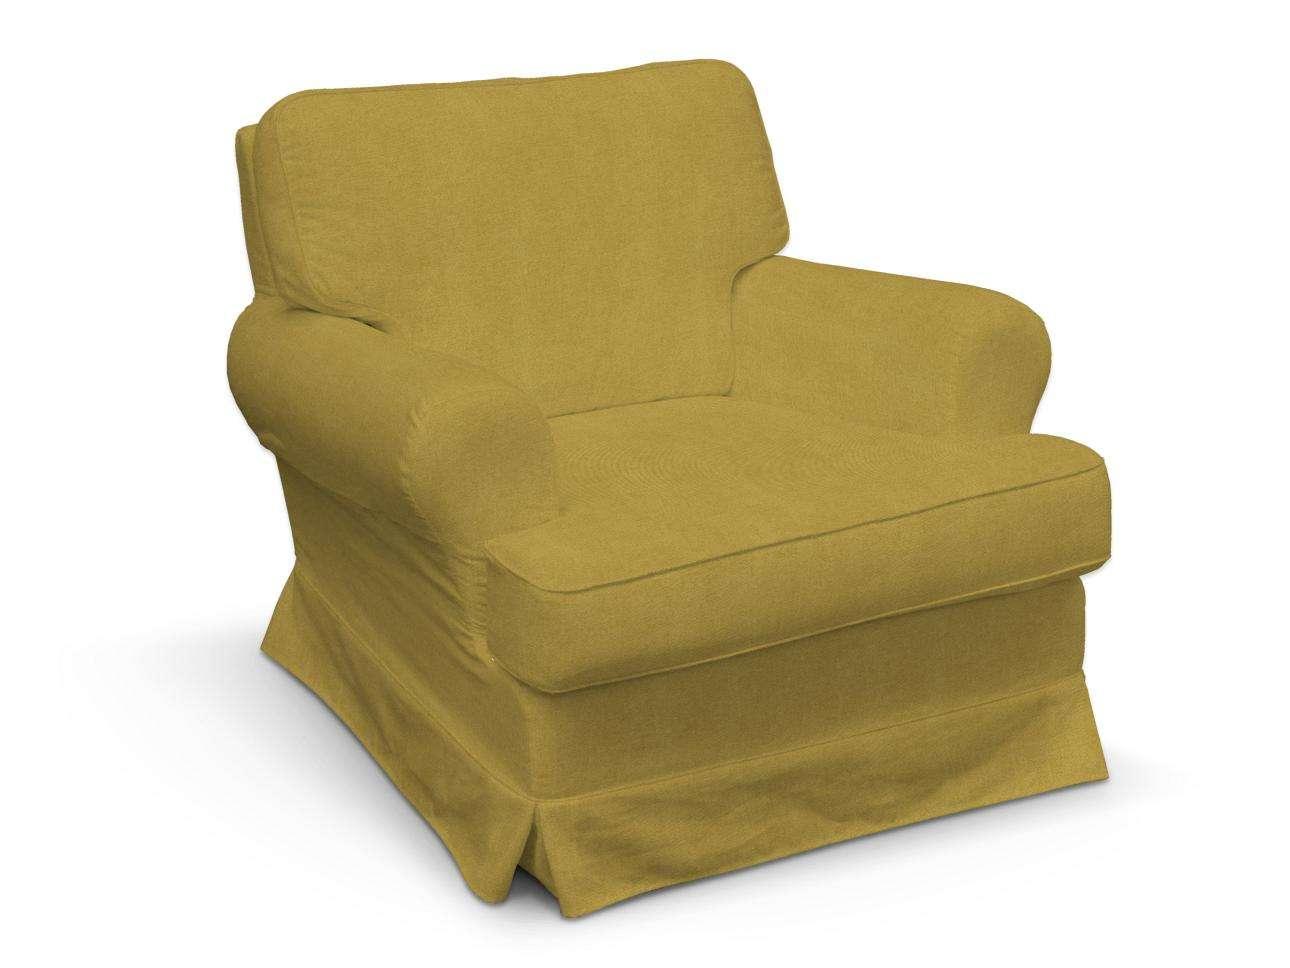 Barkaby fotelio užvalkalas Barkaby fotelio užvalkalas kolekcijoje Etna , audinys: 705-04